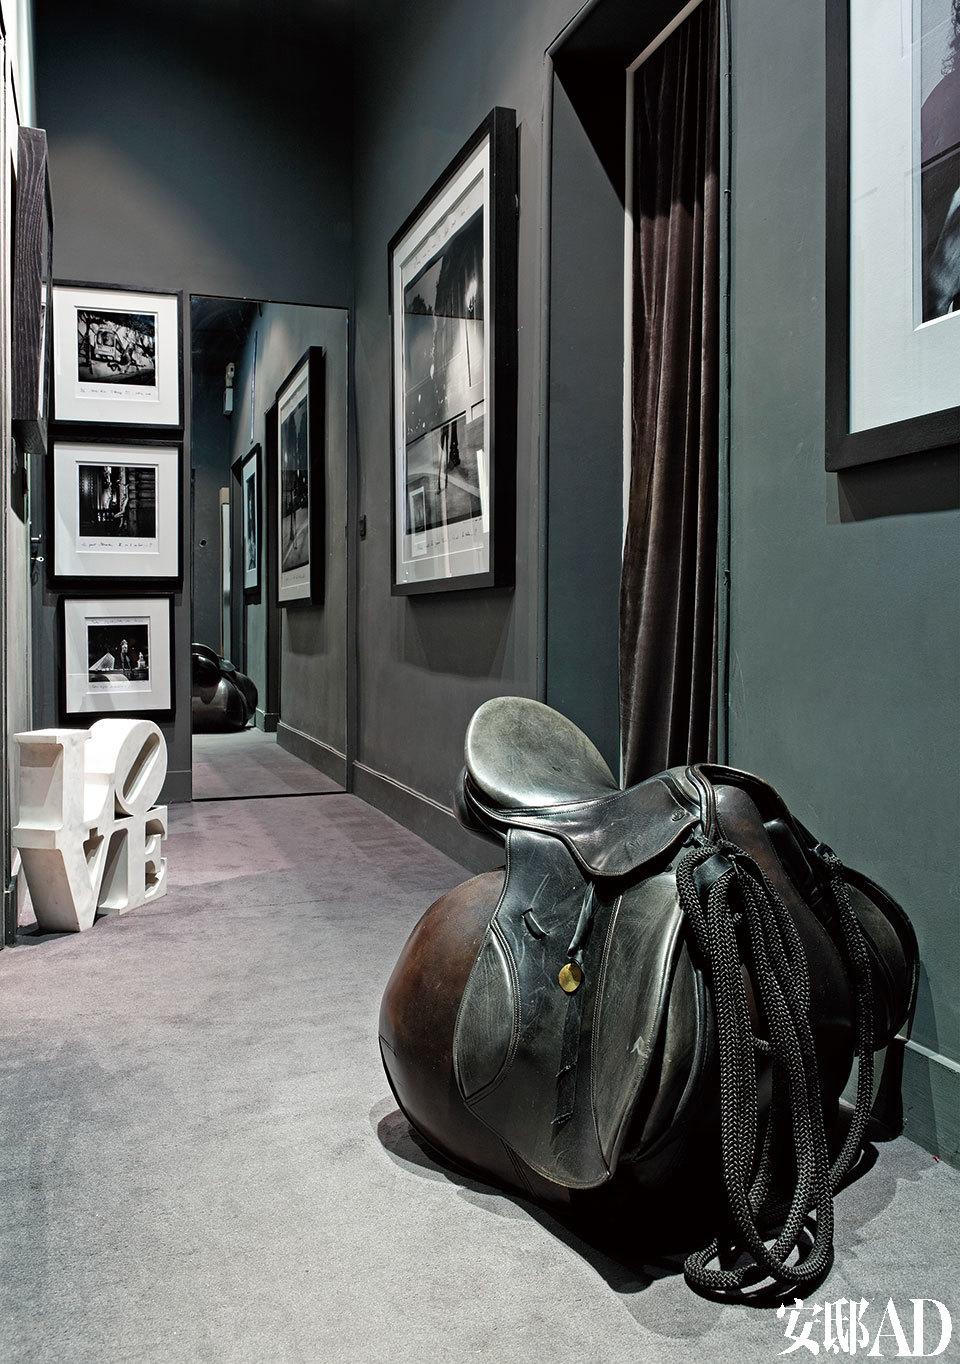 这是一间位于巴黎圣日耳曼德佩酒店三层的公寓,铁艺扶手楼梯颇具艺术性。